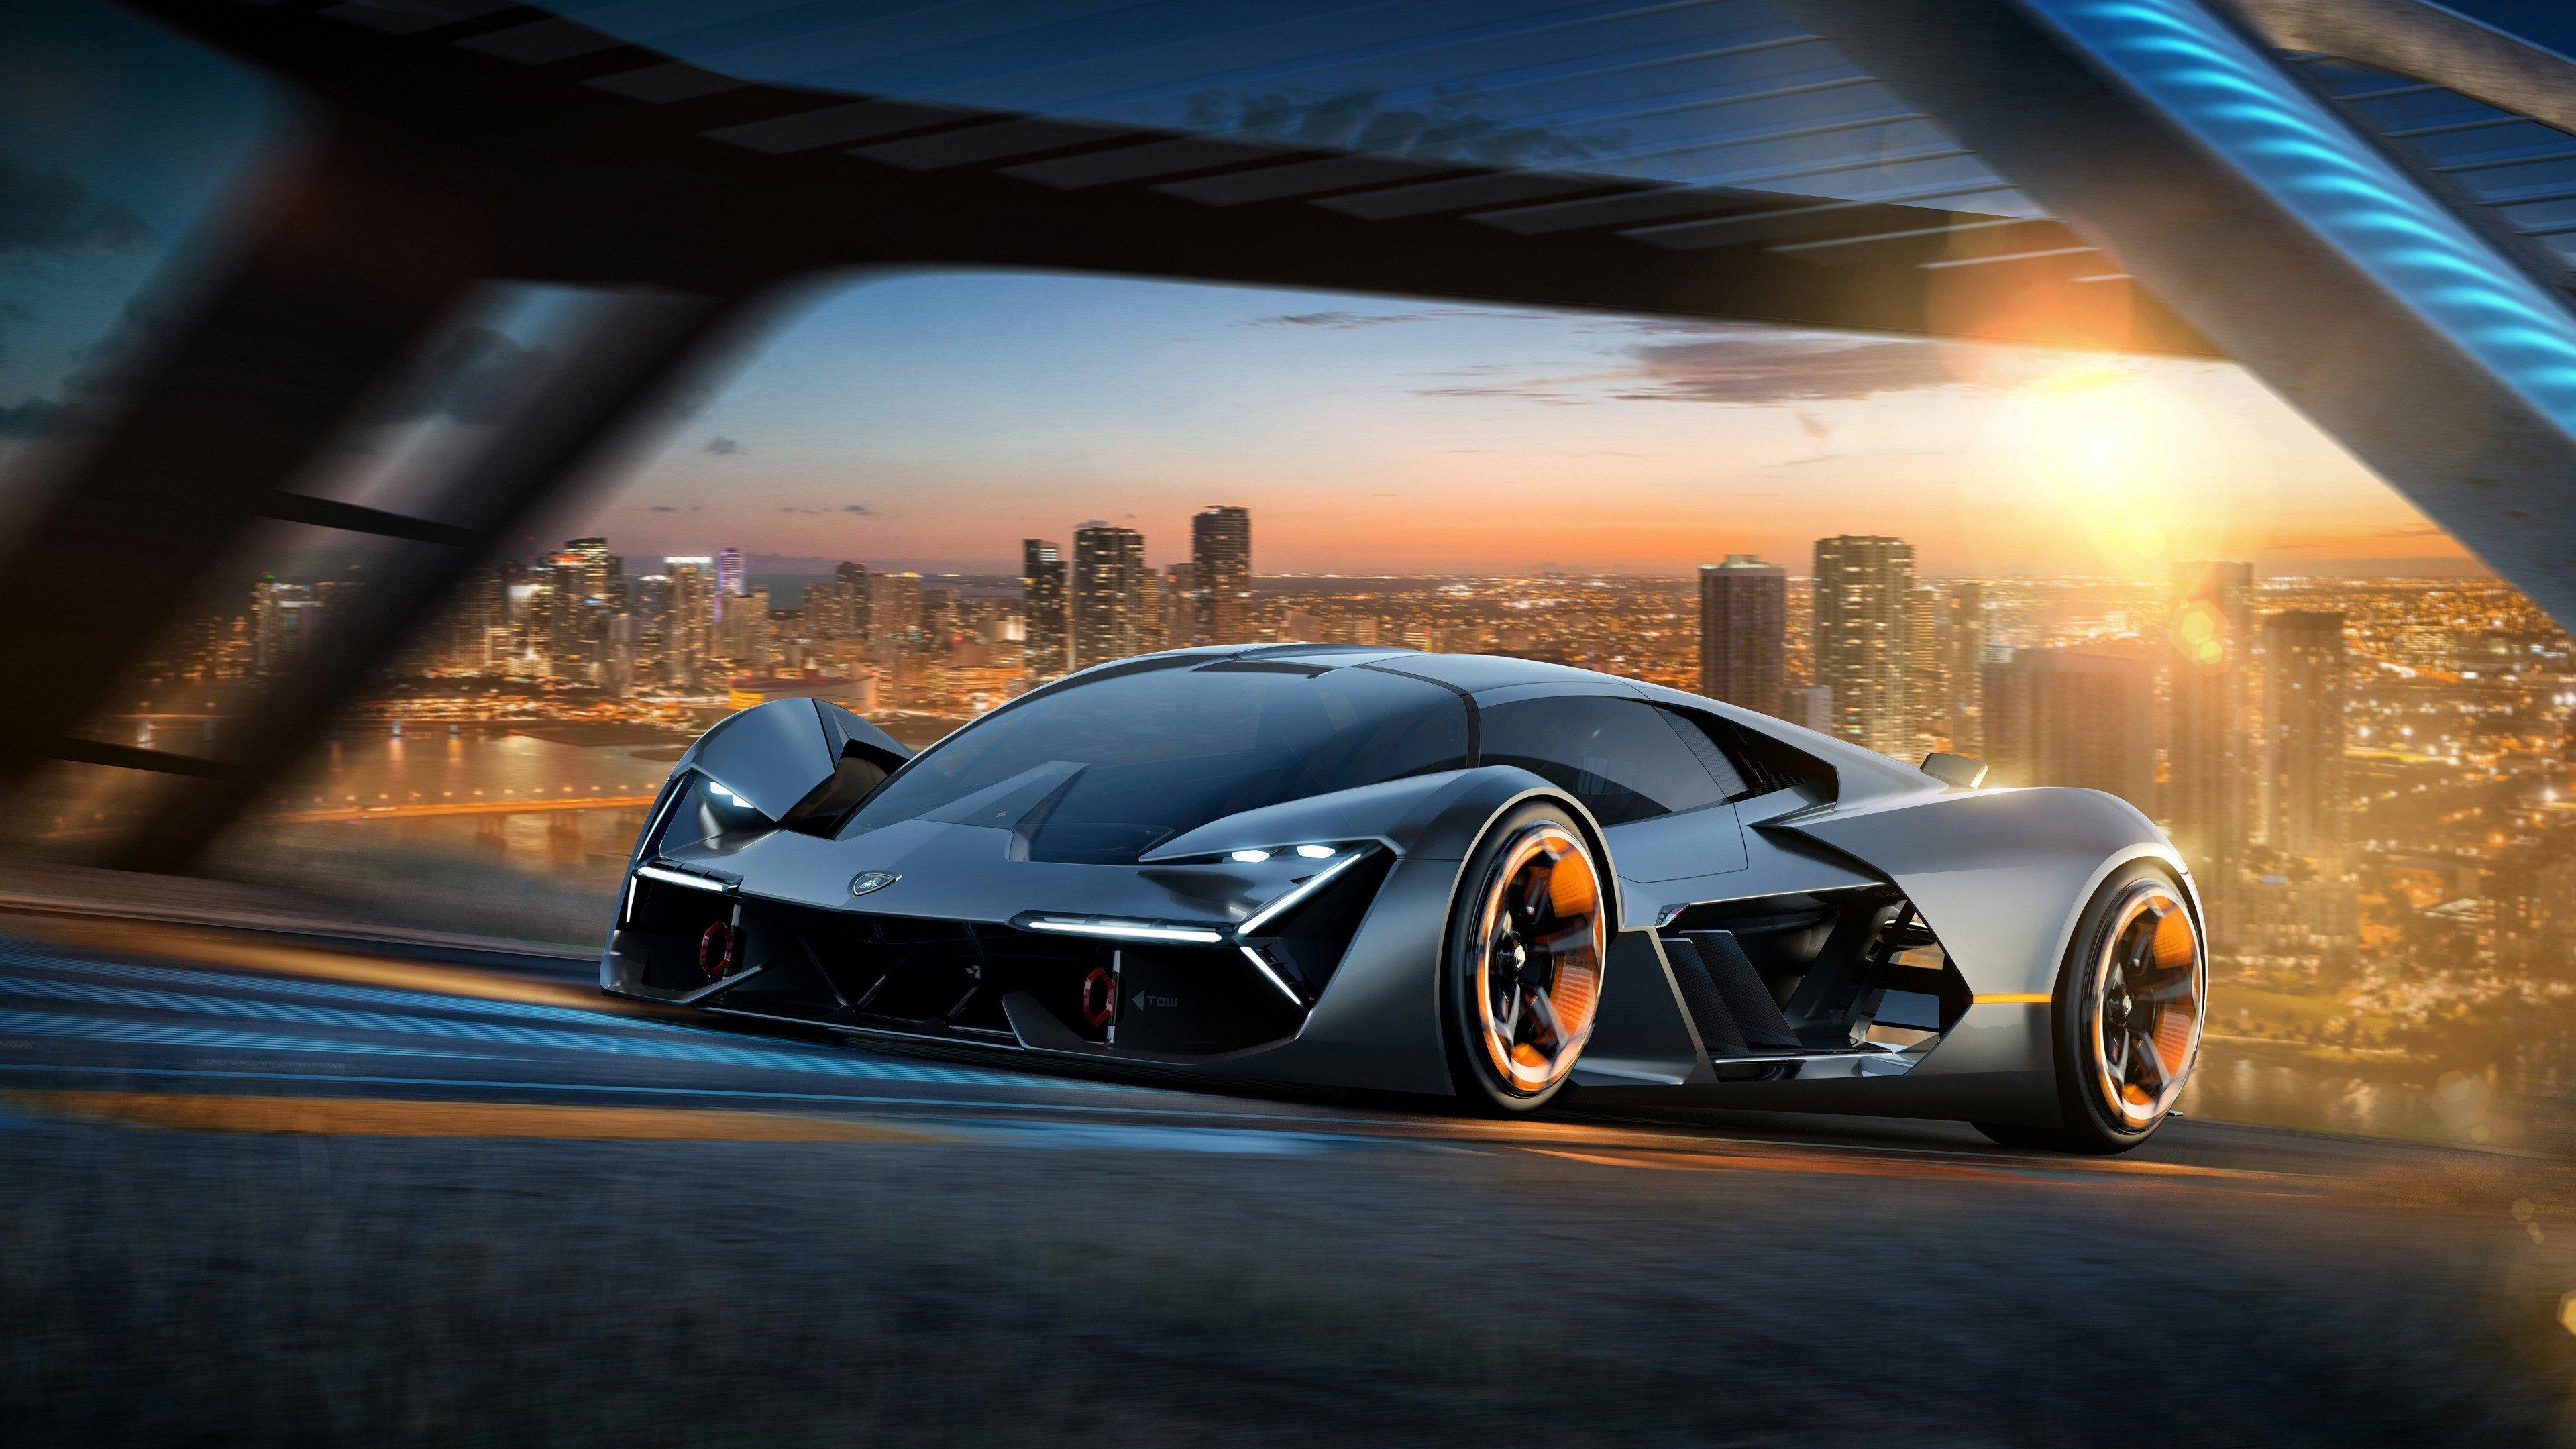 Lamborghini 4k Wallpapers For Your Desktop Or Mobile Screen